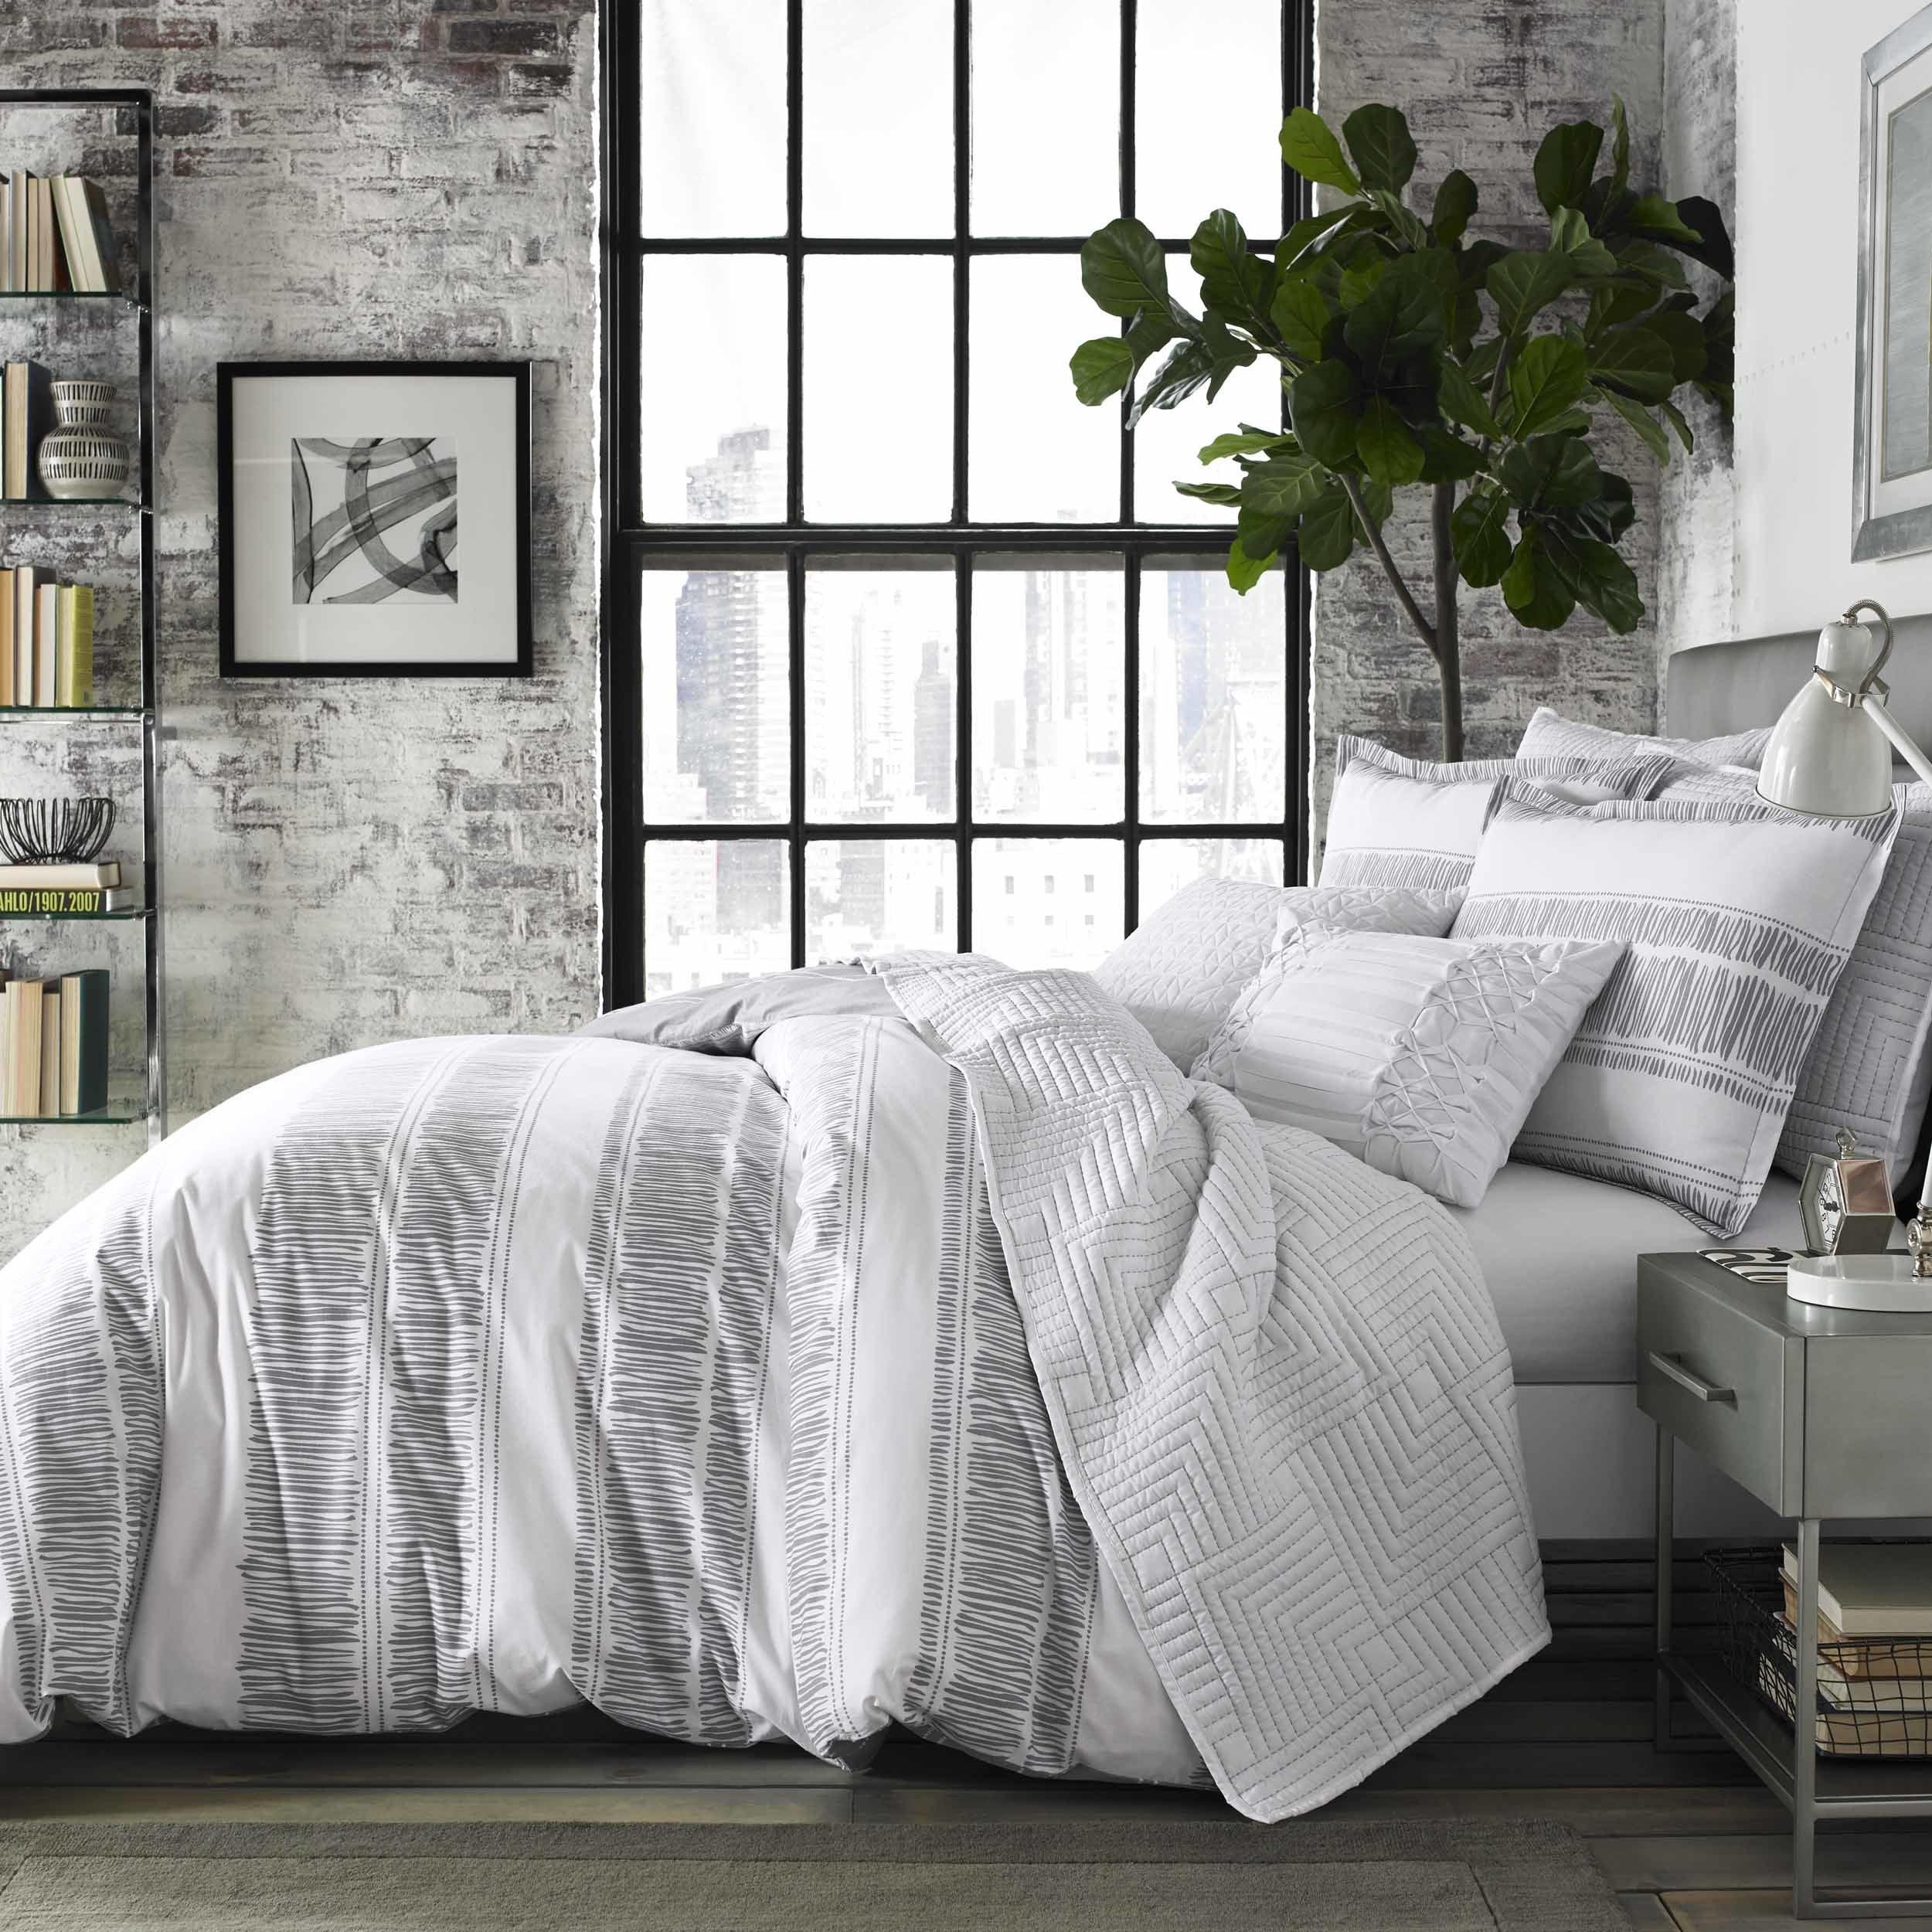 sets zebra com black overstock cheap queen comforter for blanket discount cool full bedding nice bed comforters twin grey set bedroom